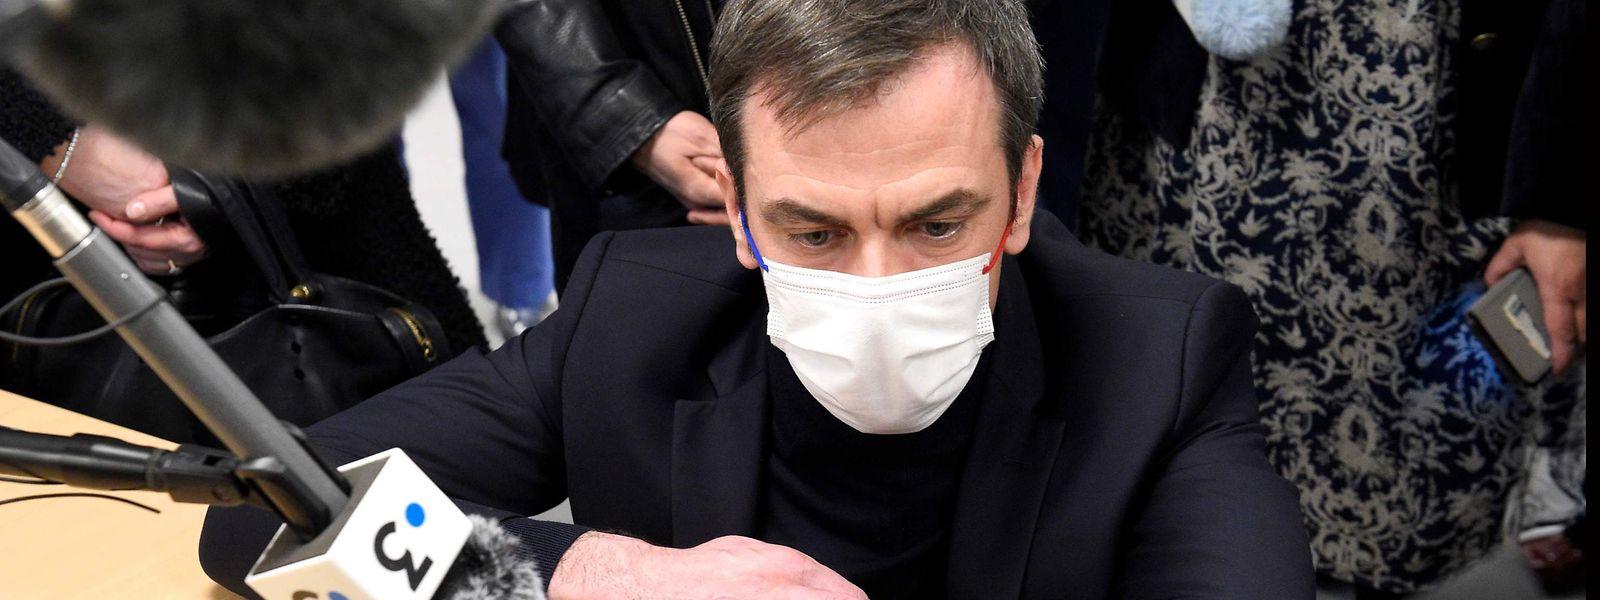 Vendredi soir, après sa visite à Metz, un échange était prévu entre le ministre de la Santé français et Paulette Lenert.